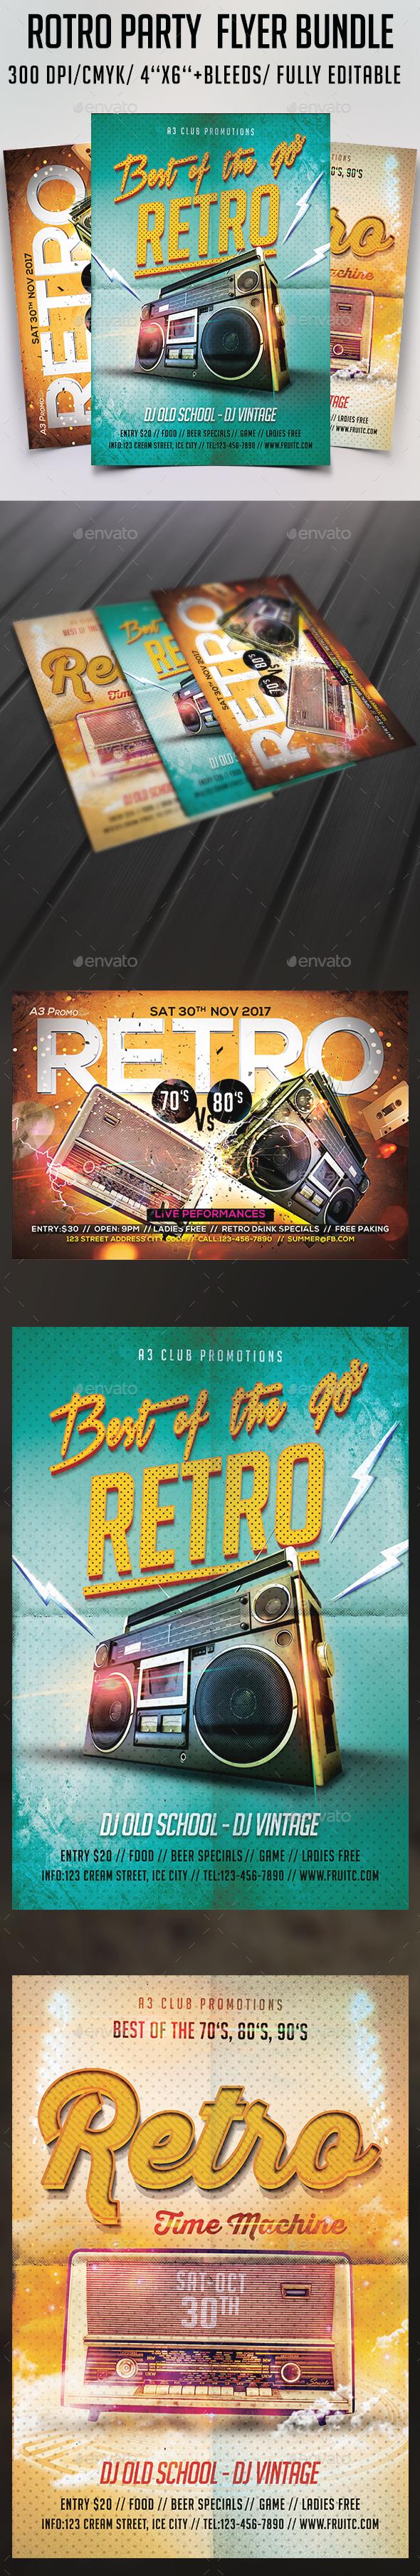 Retro Party Flyer Bundle - Clubs & Parties Events